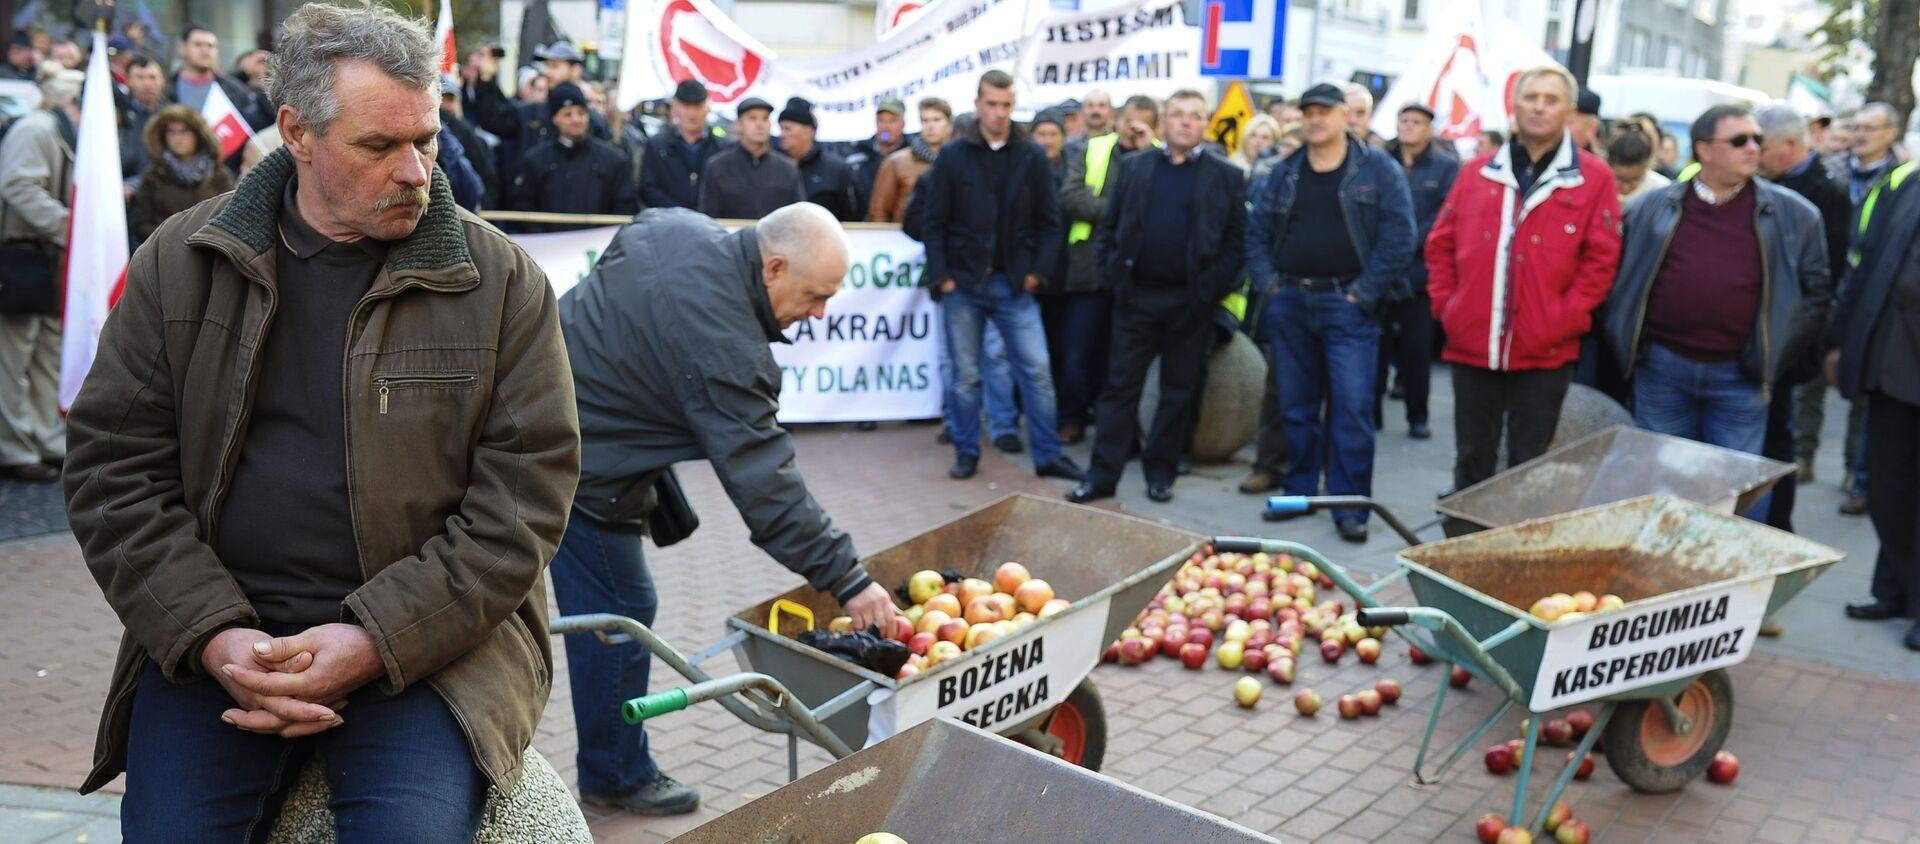 Protest polskich rolników przeciwko sankcjom wobec Rosji - Sputnik Polska, 1920, 07.04.2020